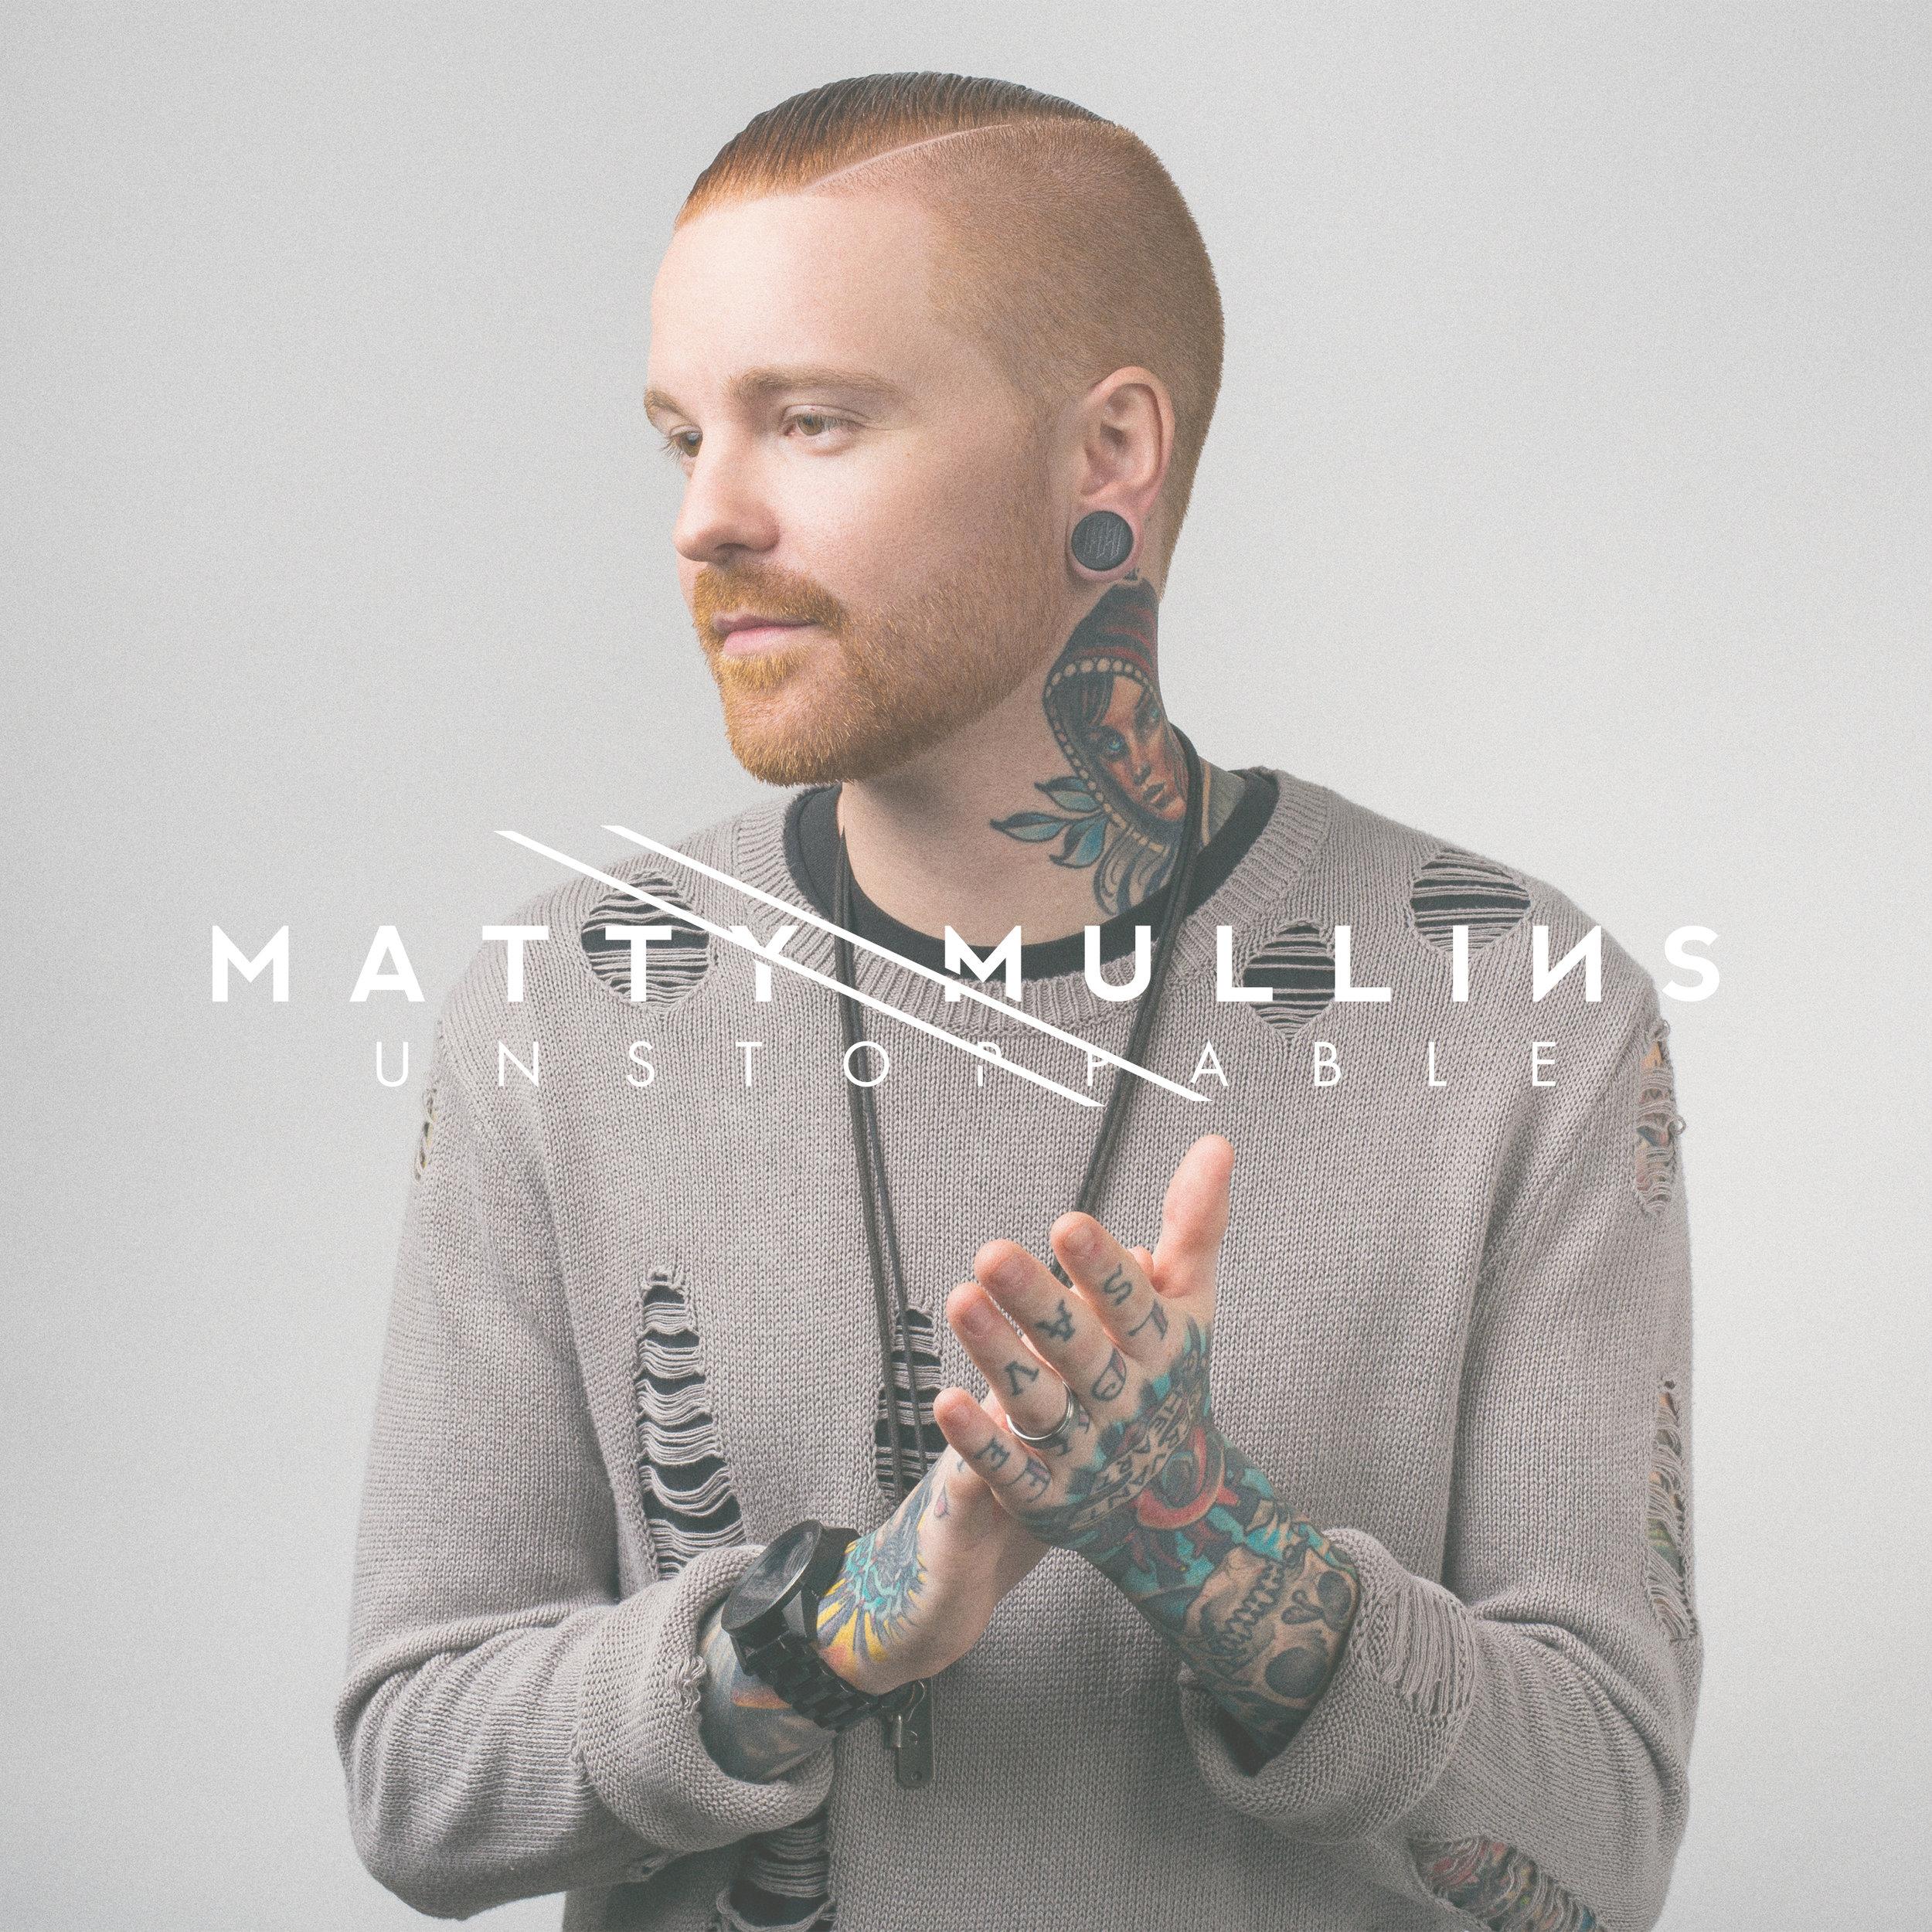 Matty Mullins | Unstoppable